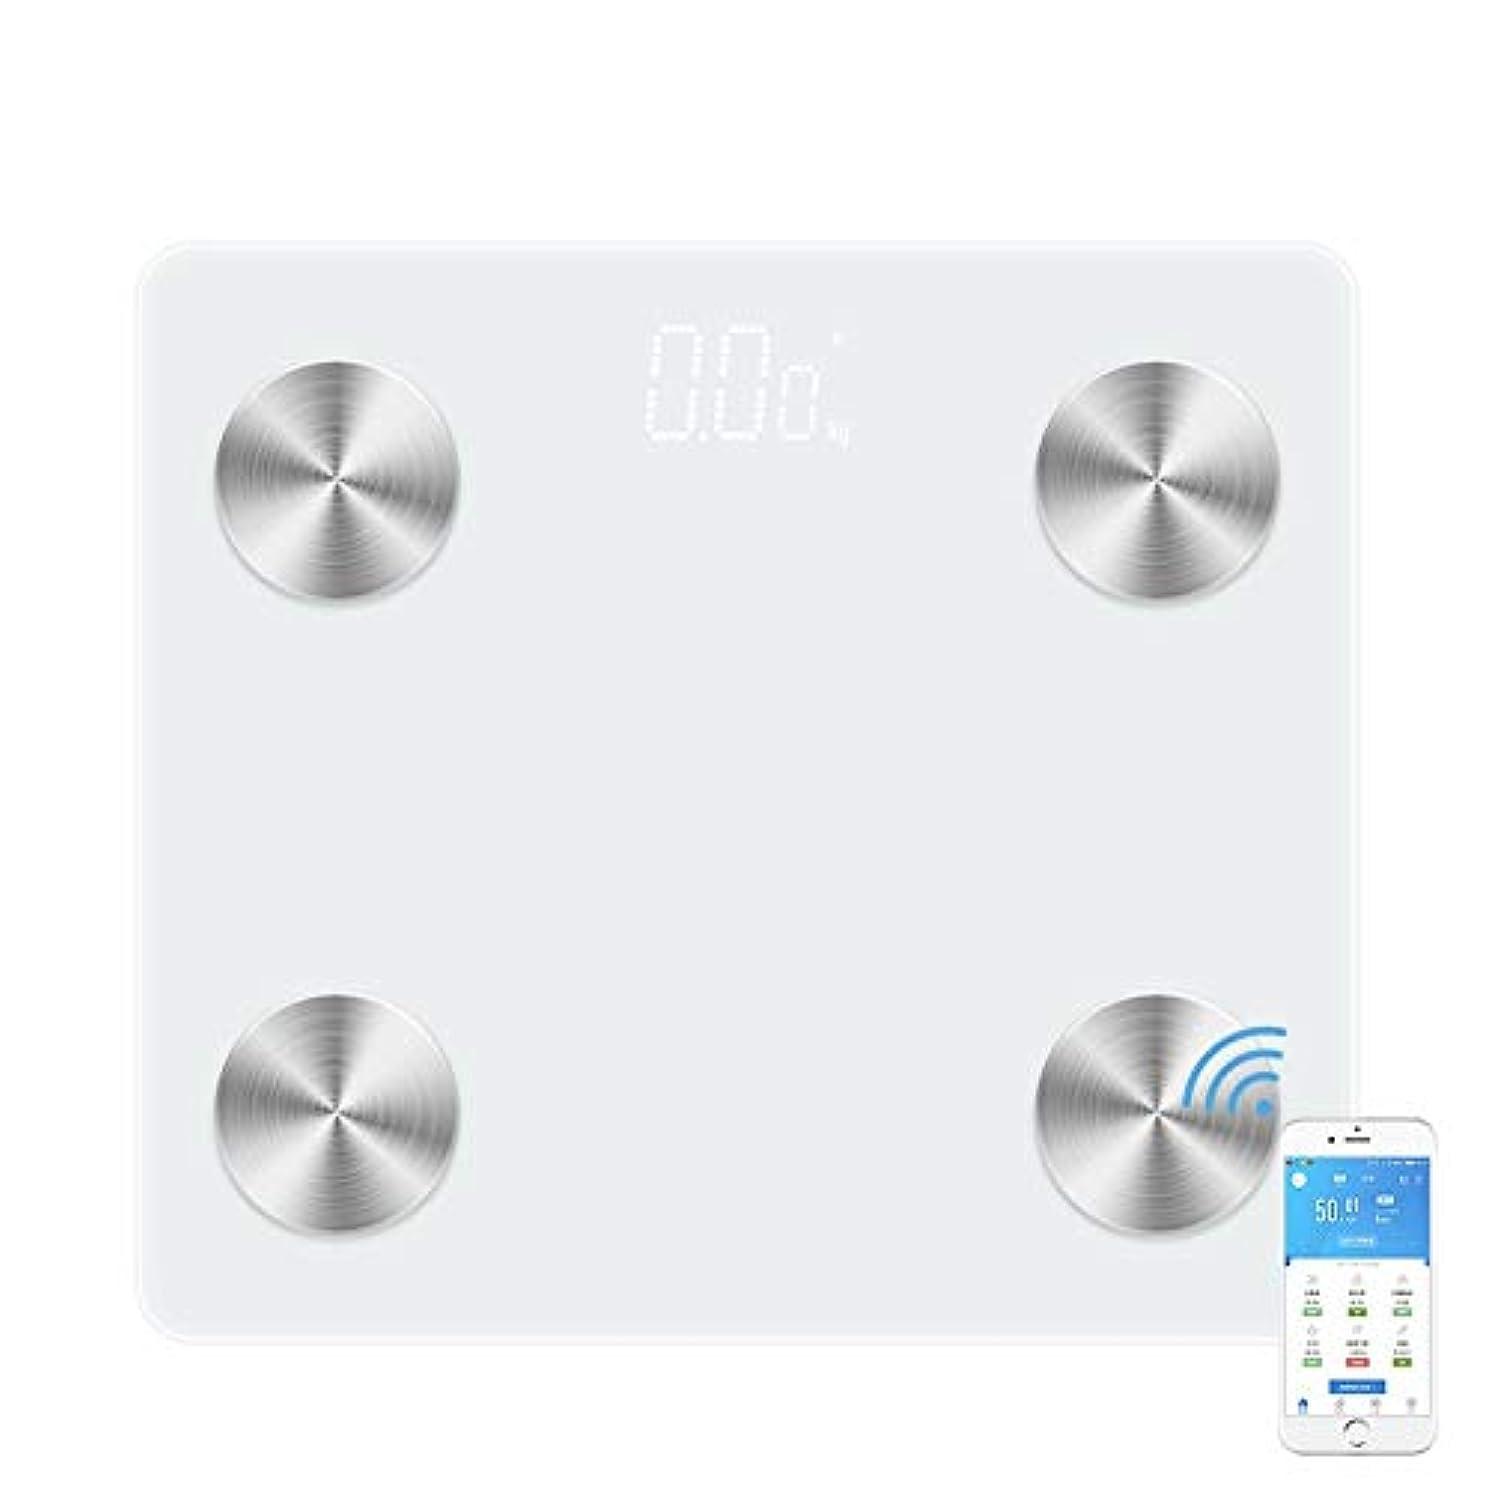 愛かわす許容JXSHQS 新しい家庭用体脂肪計Bluetooth音声放送共有電子体重計スマート体重計 体脂肪計 (Color : Super white circle, Size : 295*265*24mm)